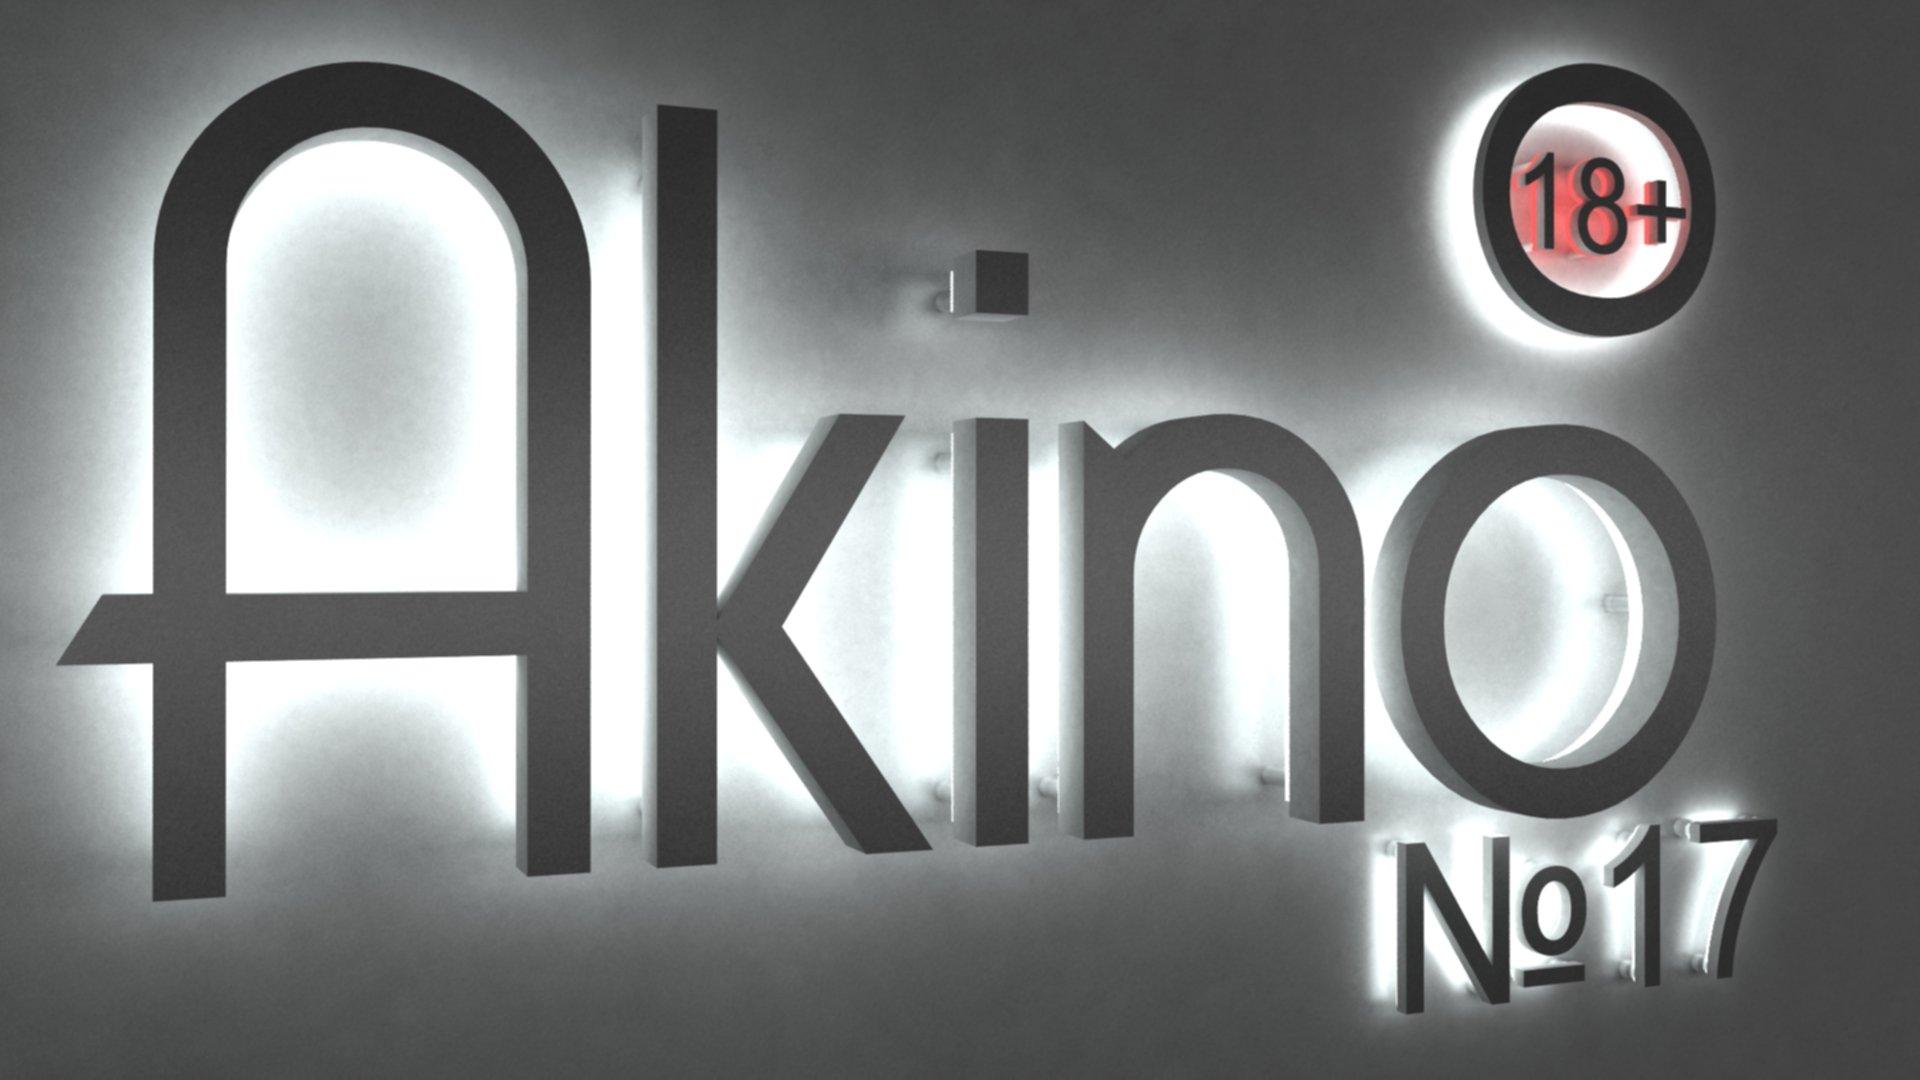 Подкаст AkiNO Выпуск № 17 (18+) - Изображение 1